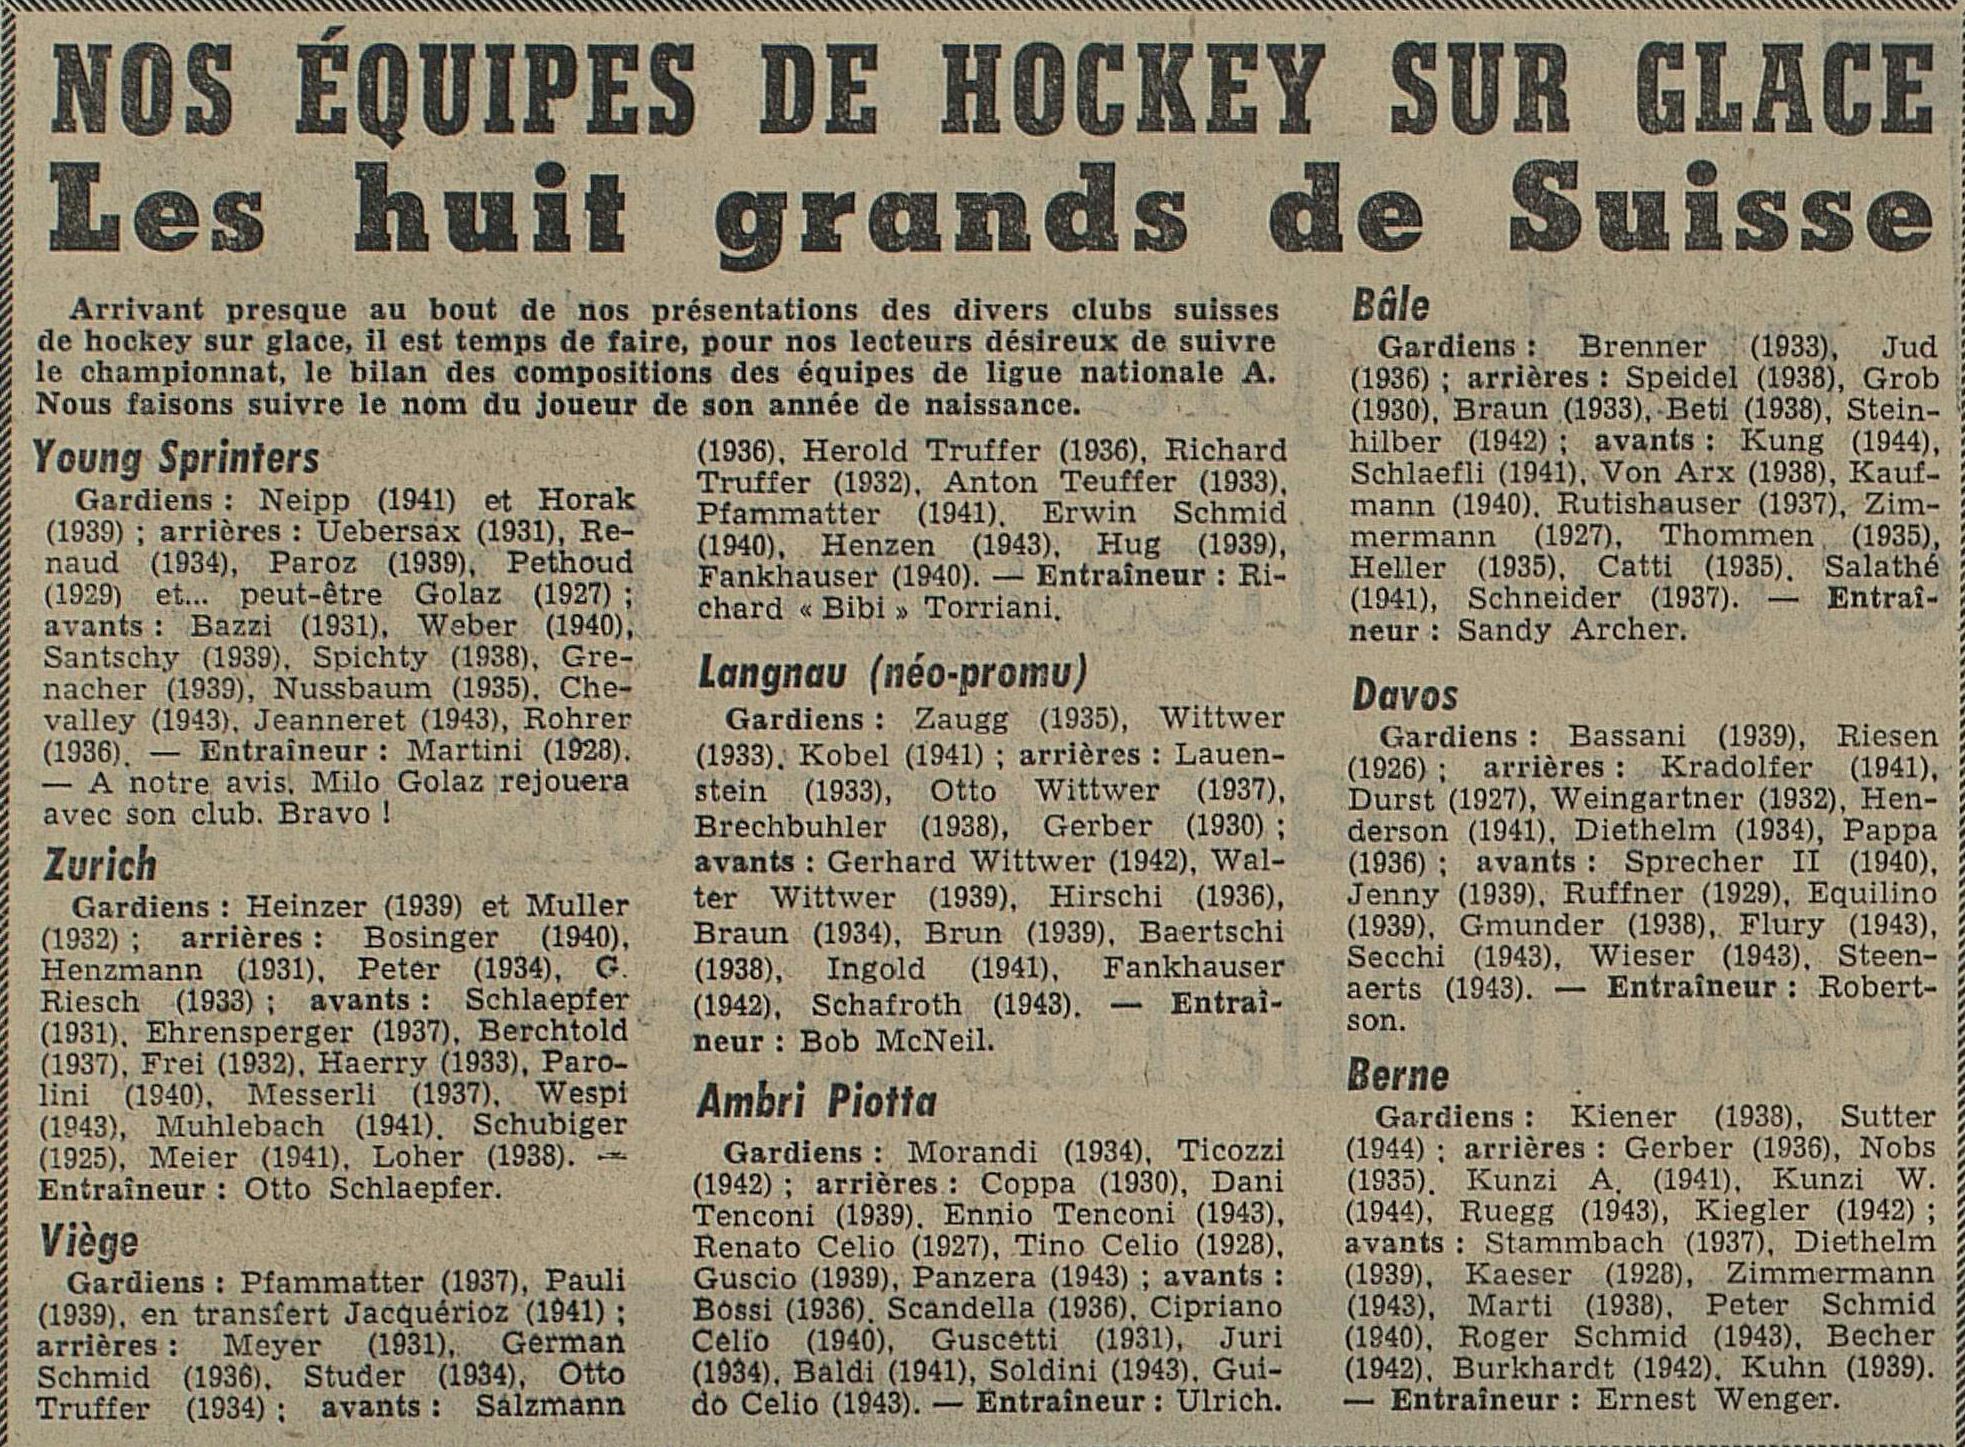 Le Matin - Tribune de Lausanne_19611106_++!!!!!!-2.jpg